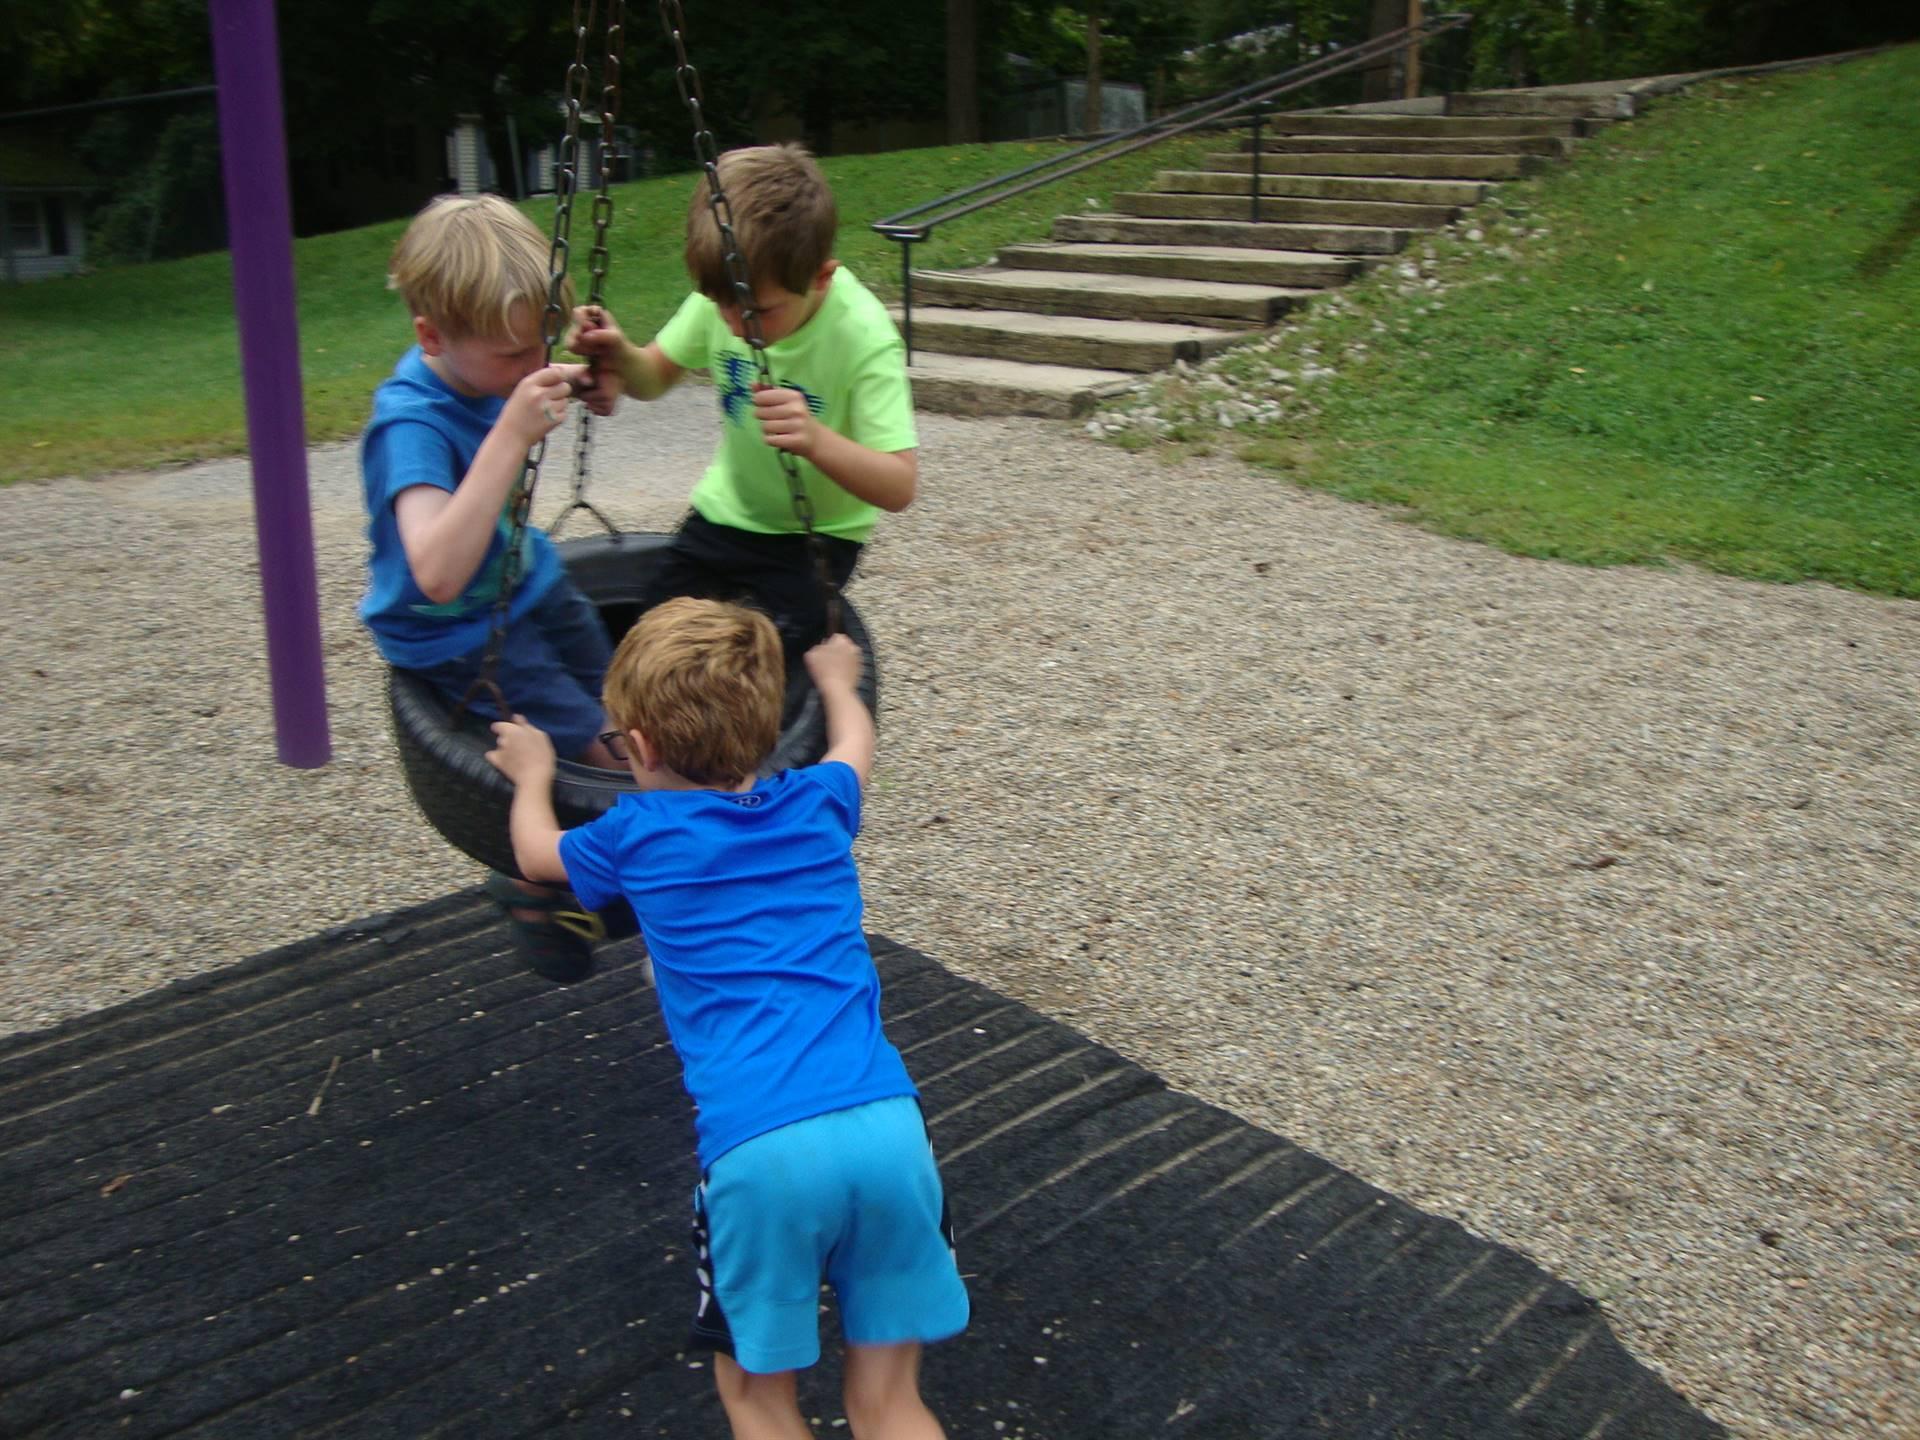 friends swinging